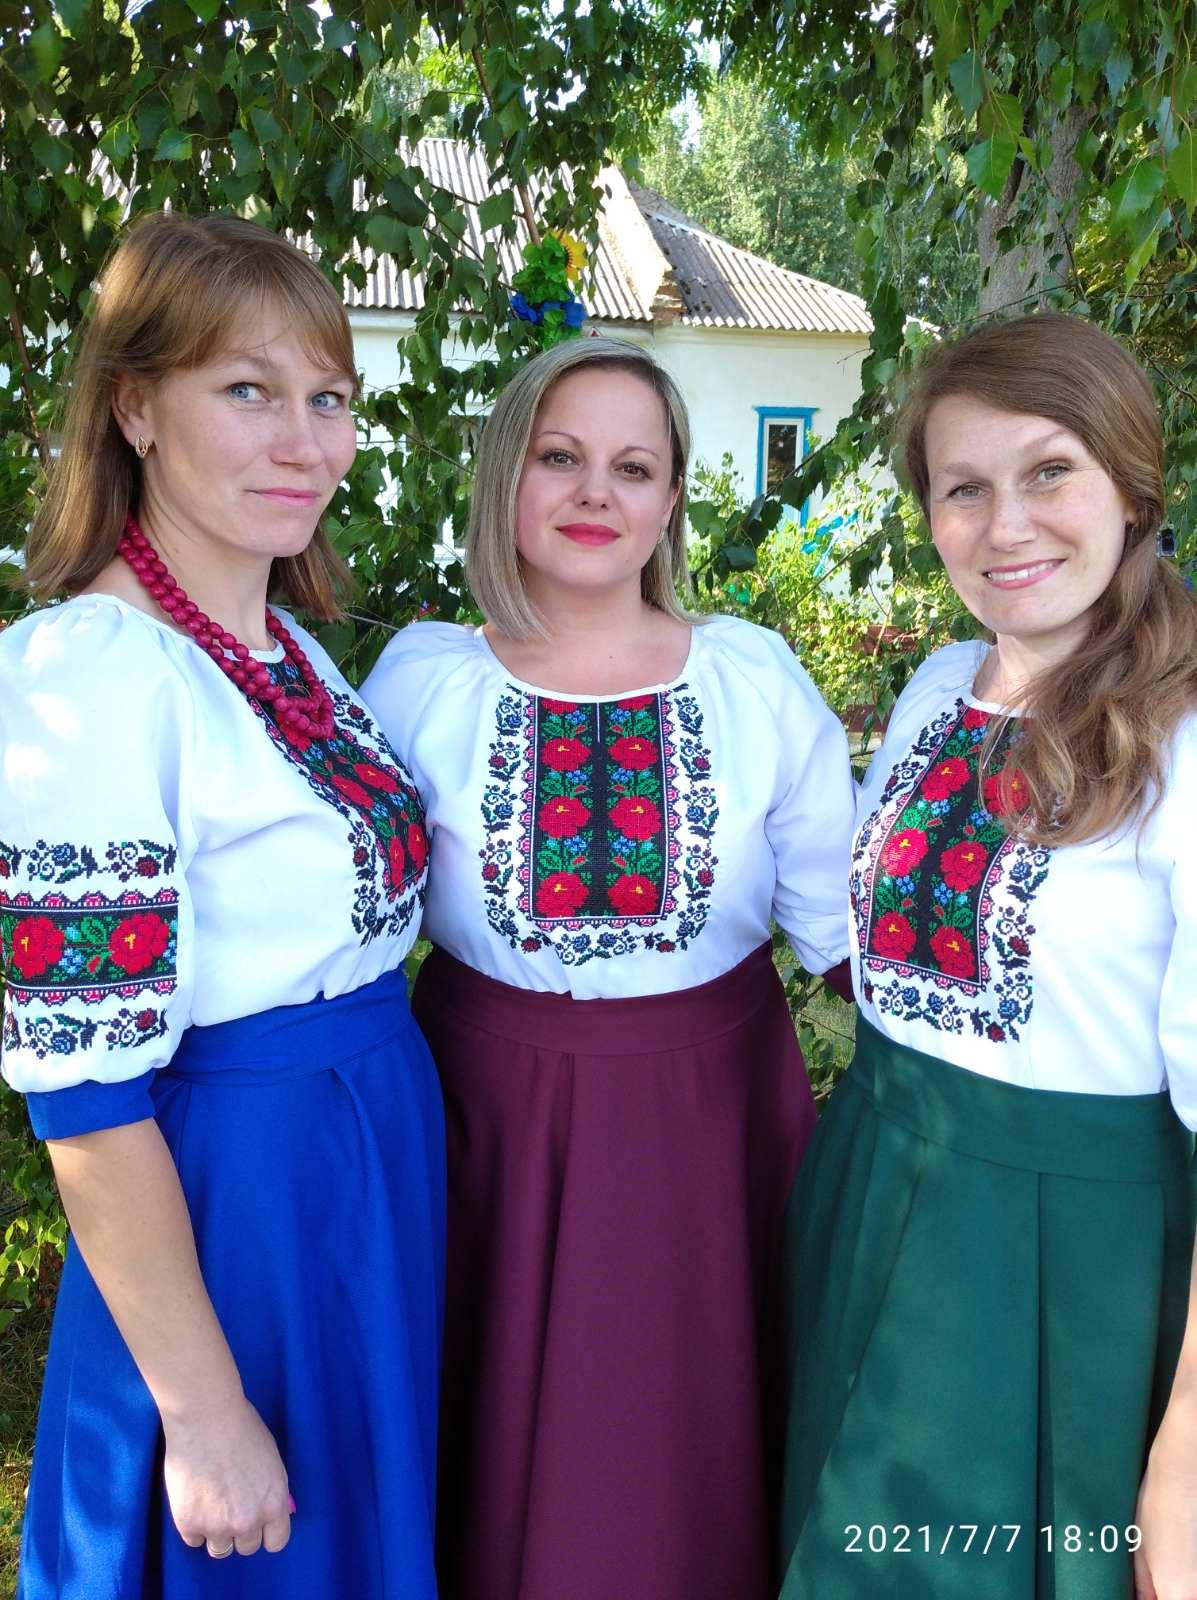 Struny.yzobrazhenye_viber_2021-07-08_09-43-09-173